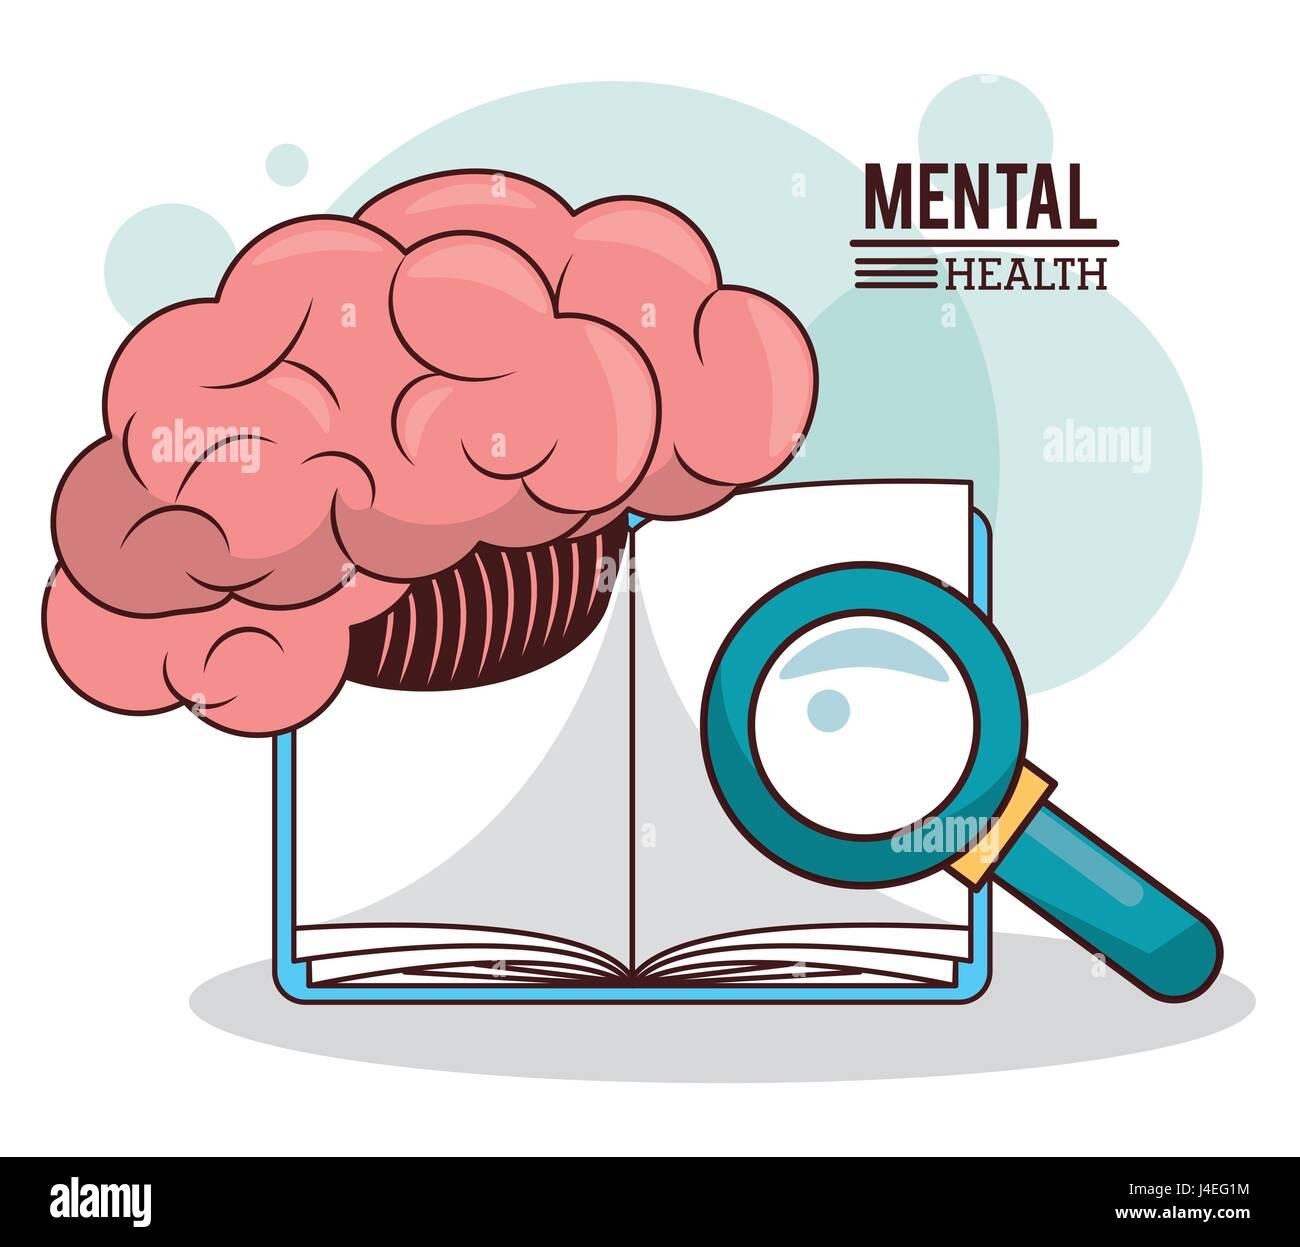 La salud mental, el cerebro libro conocimiento lupa Imagen De Stock